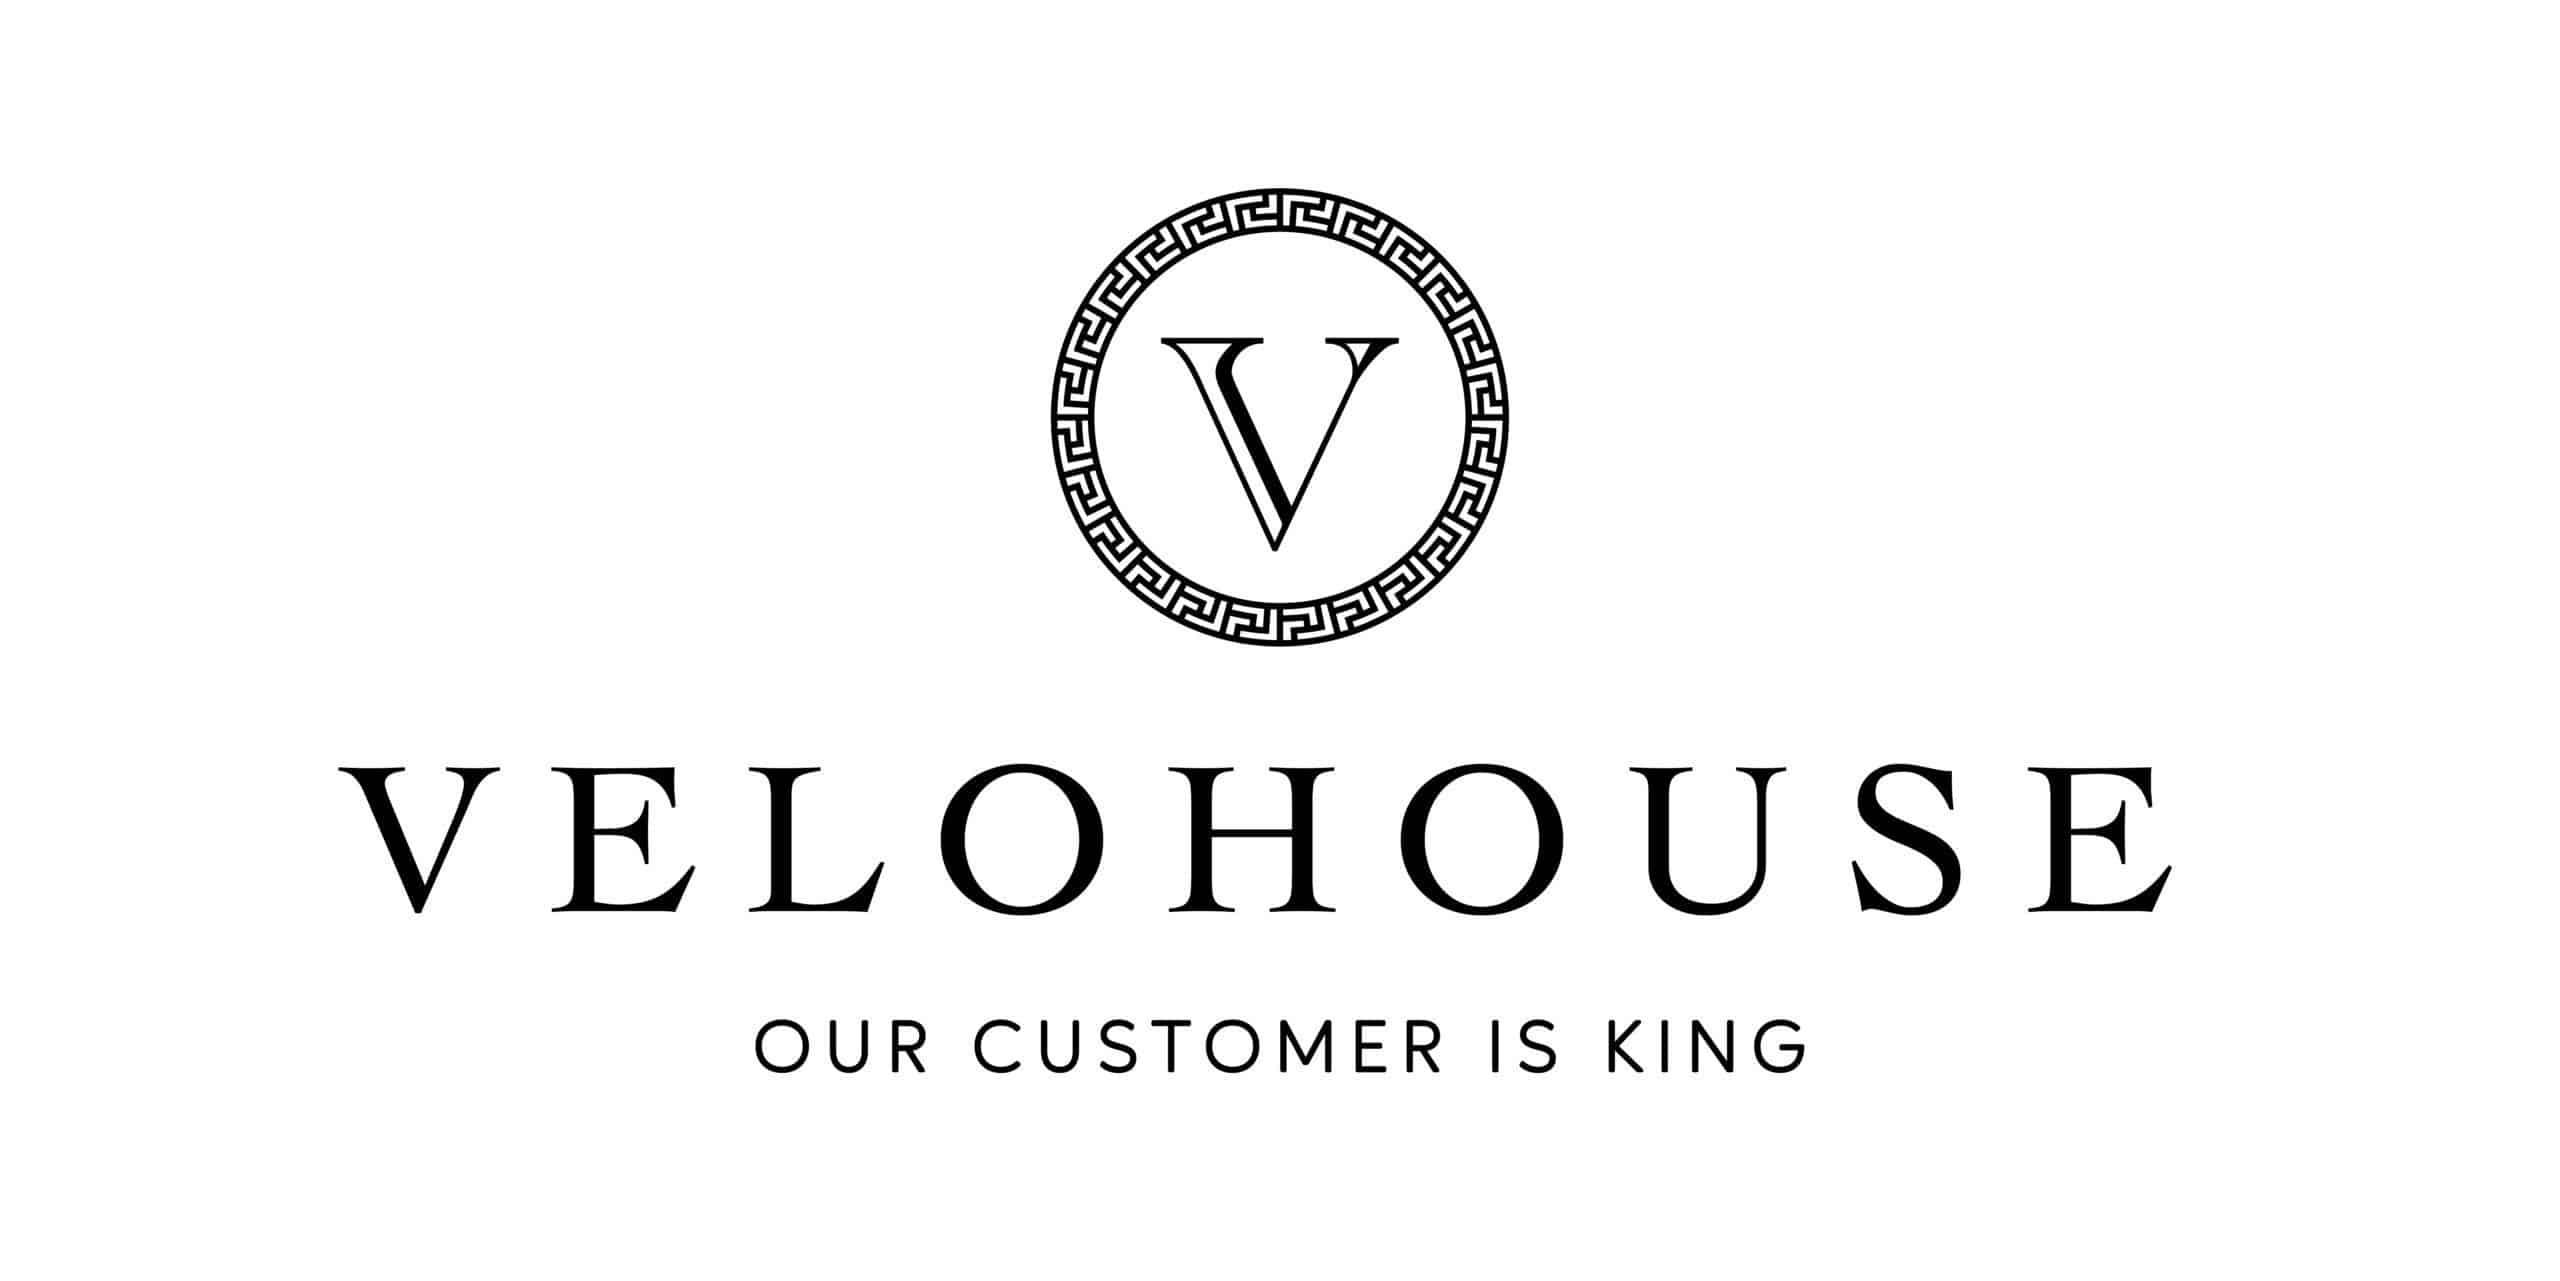 Velohouse